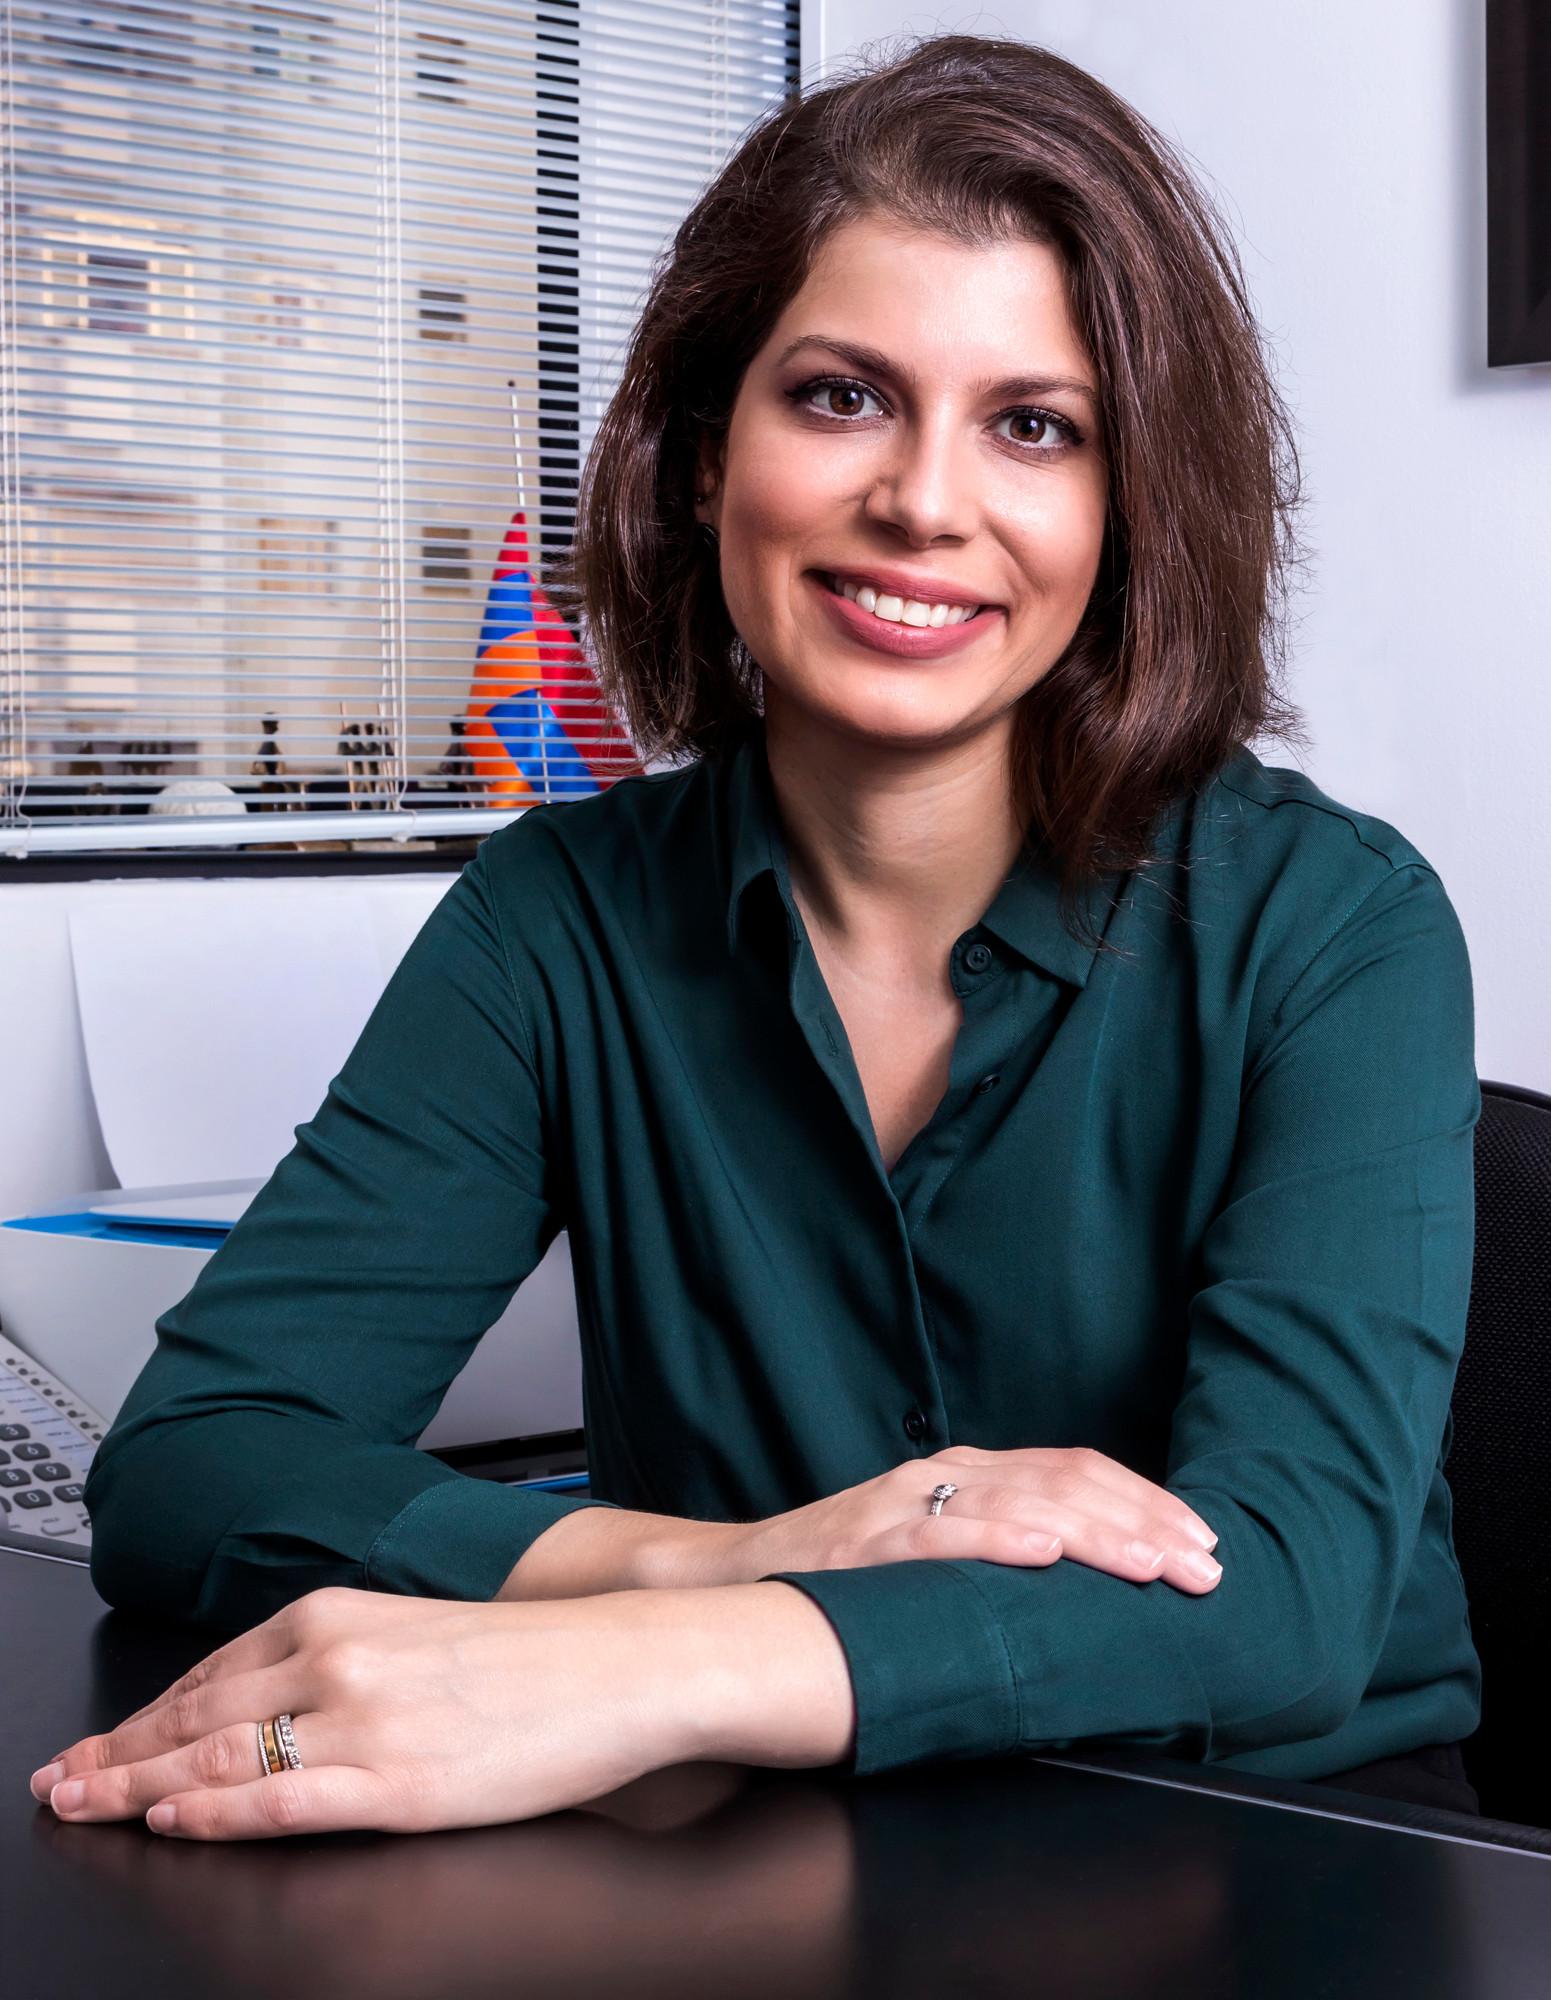 Business portrait of Dra. Lais Lundstedt Kahtalian